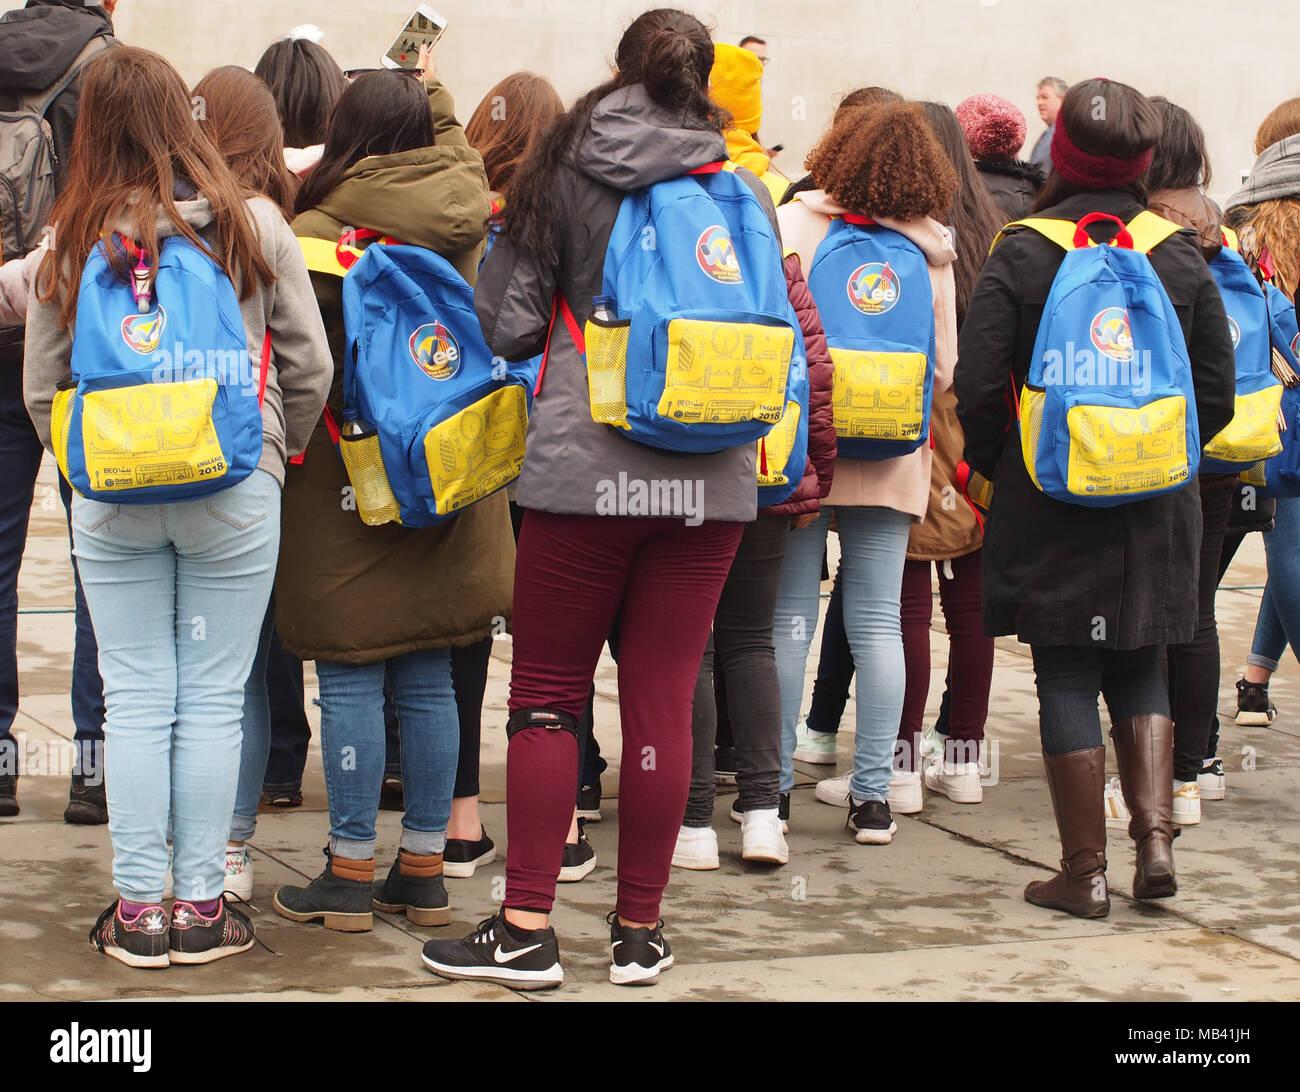 Ein Blick auf die Rücken von einer Gruppe von Studenten, die London besichtigen auf dem Trafalgar Square, einer der Animateure, alle, die identischen Rucksäcke Stockbild